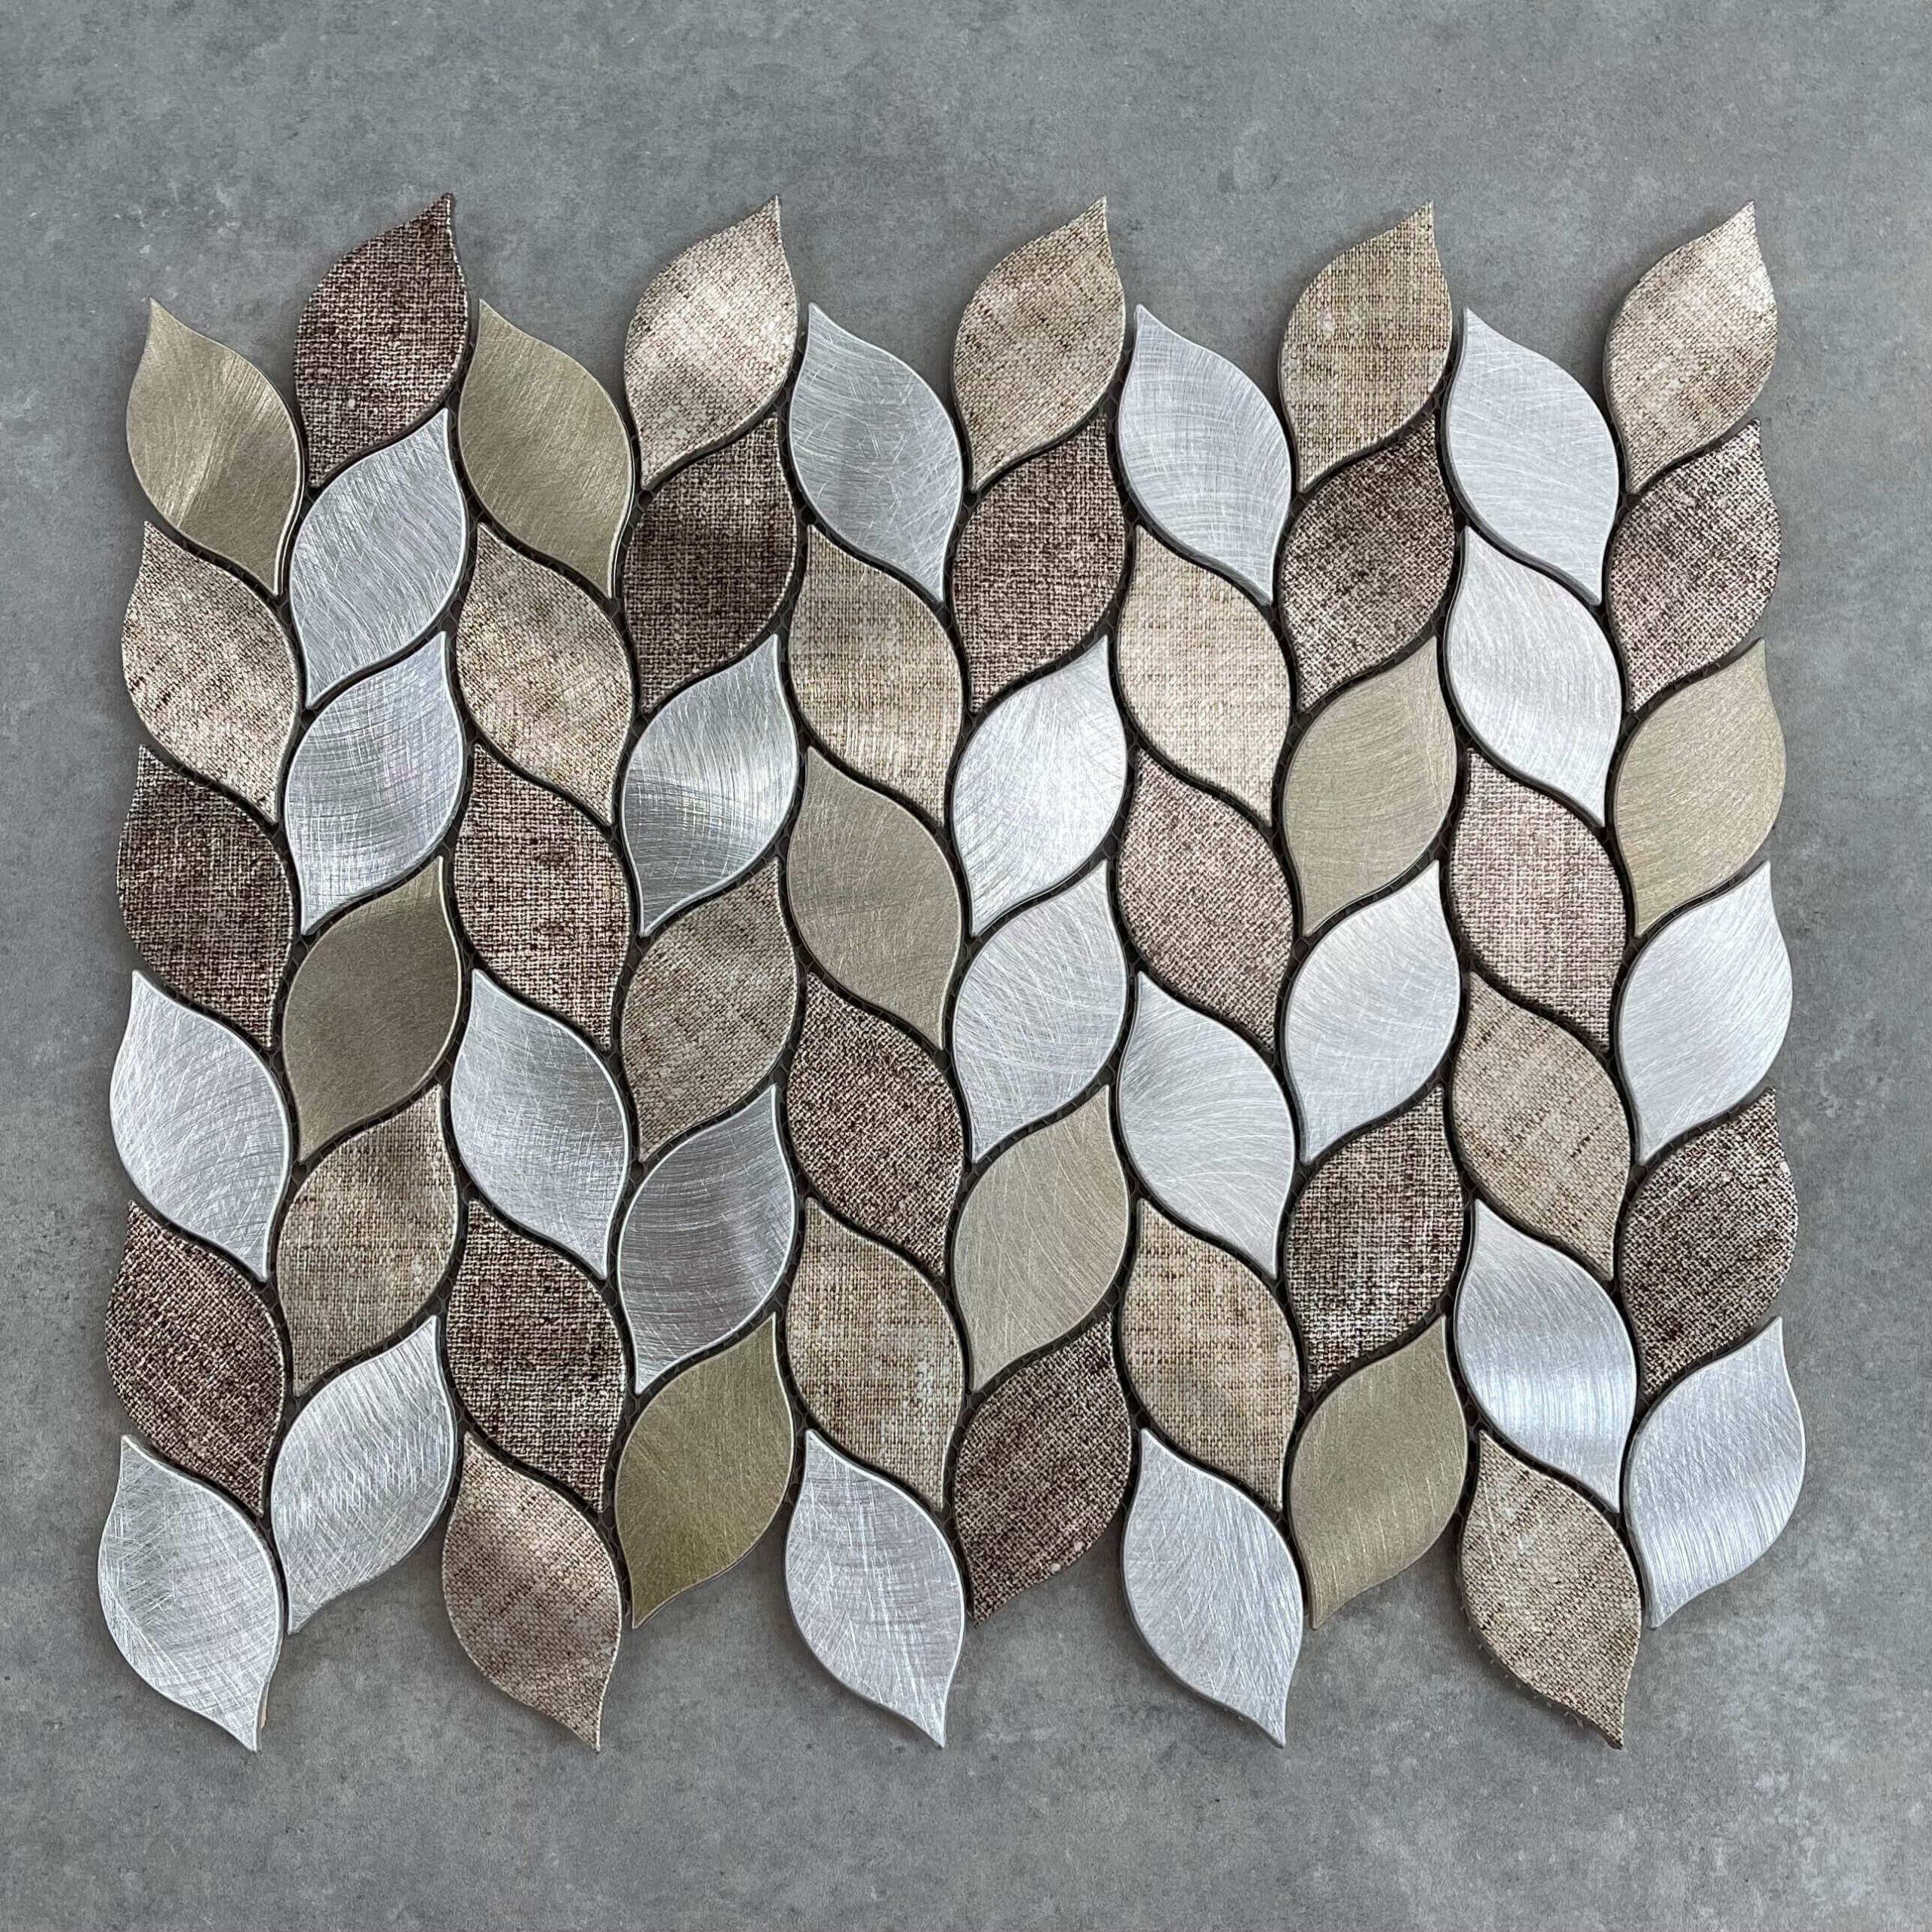 Leaf Taupe & Grey Aluminium Mosaic 7426